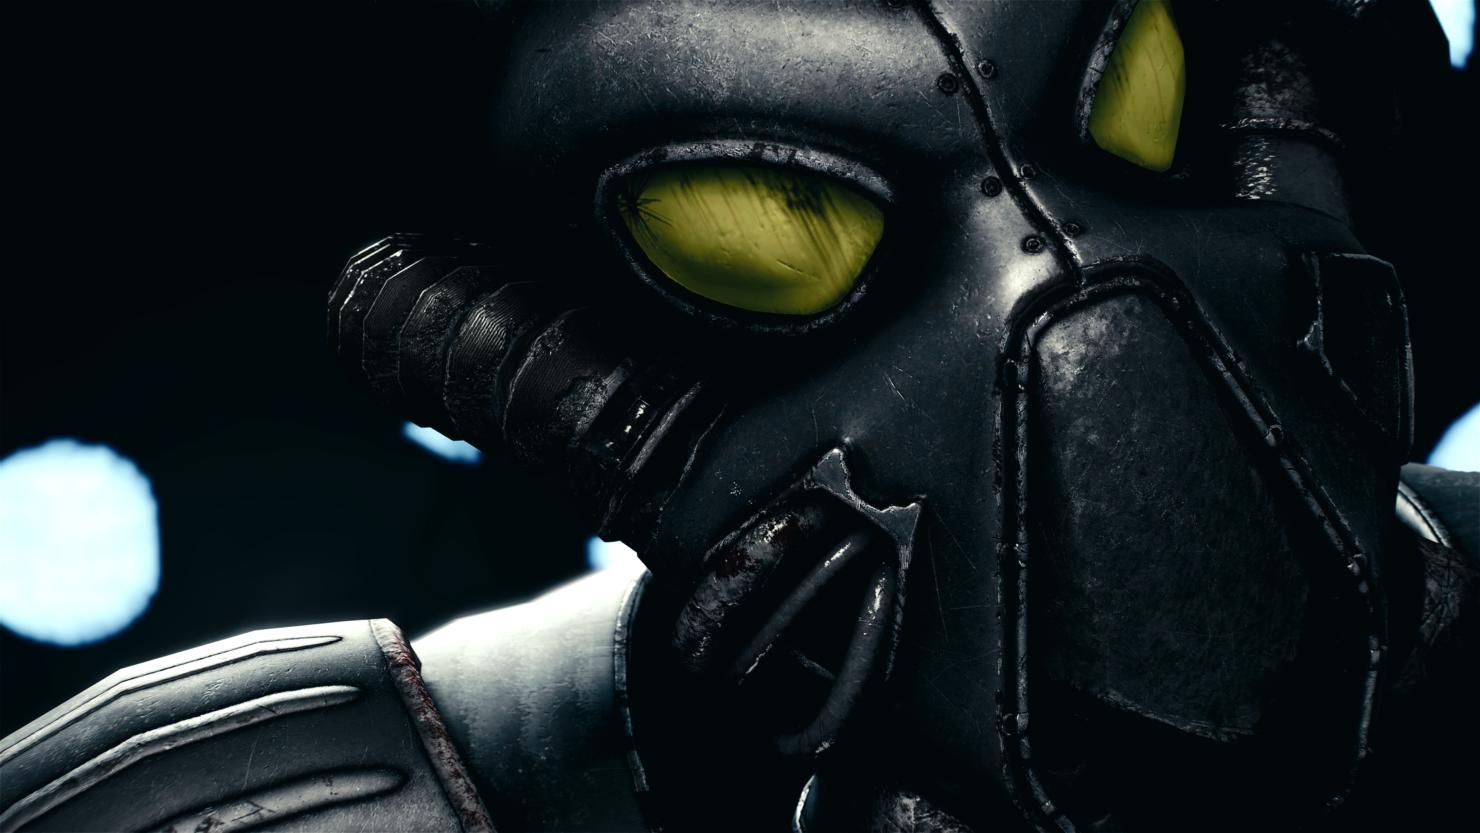 Fallout 4 Enclave Armor Mod 8